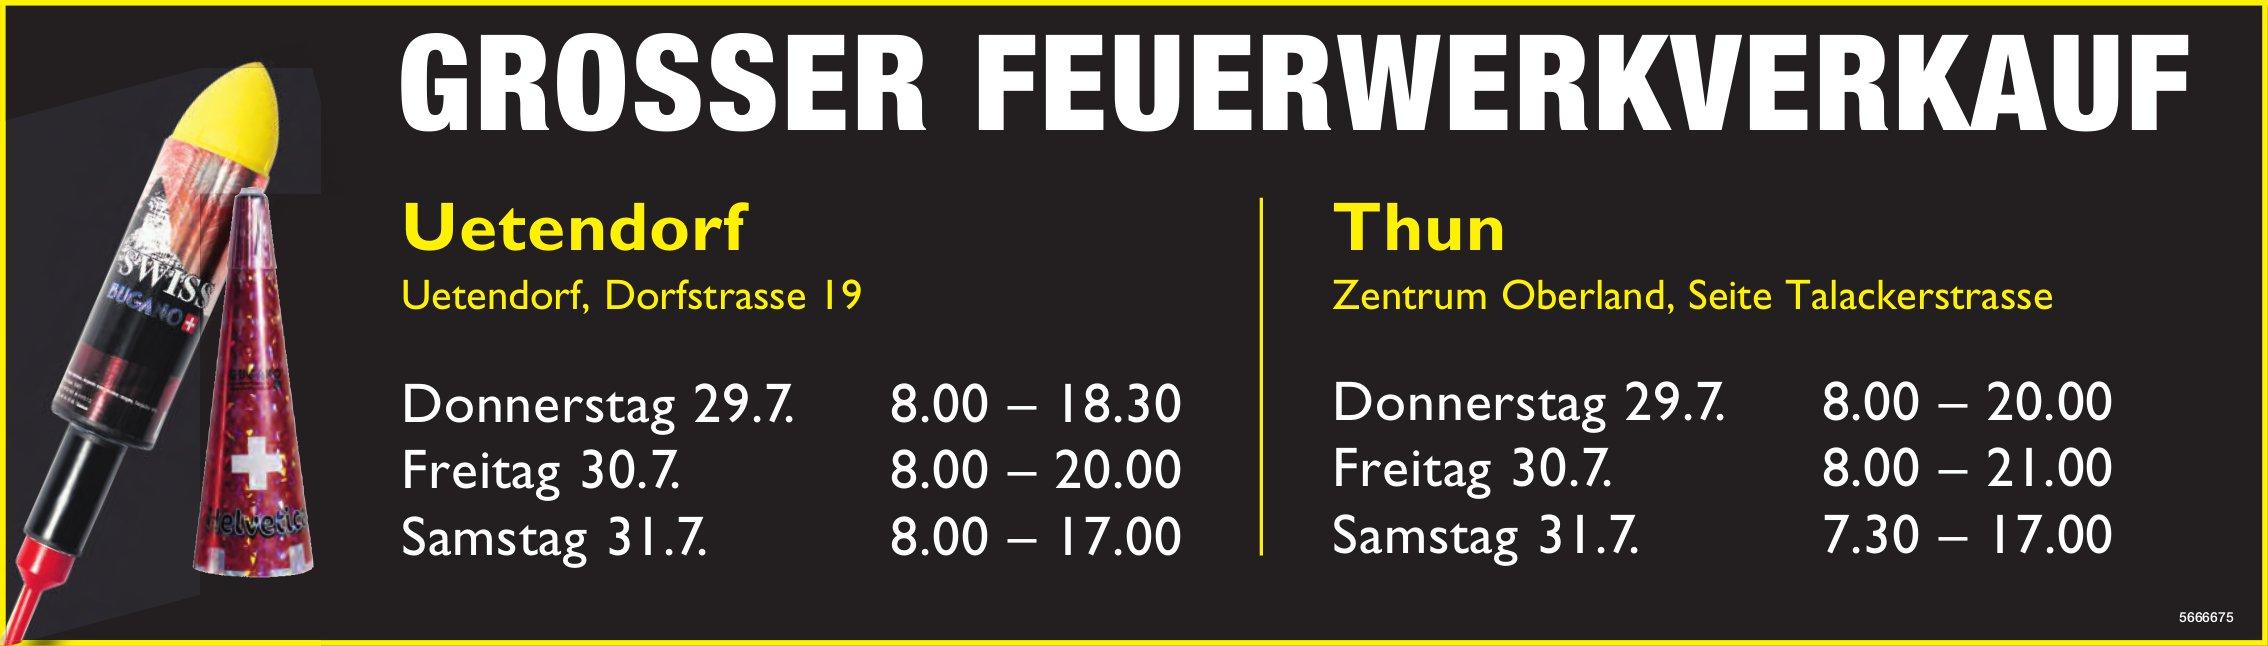 Grosser Feuerwerkverkauf, 29. - 31. Juli, Uetendorf & Thun